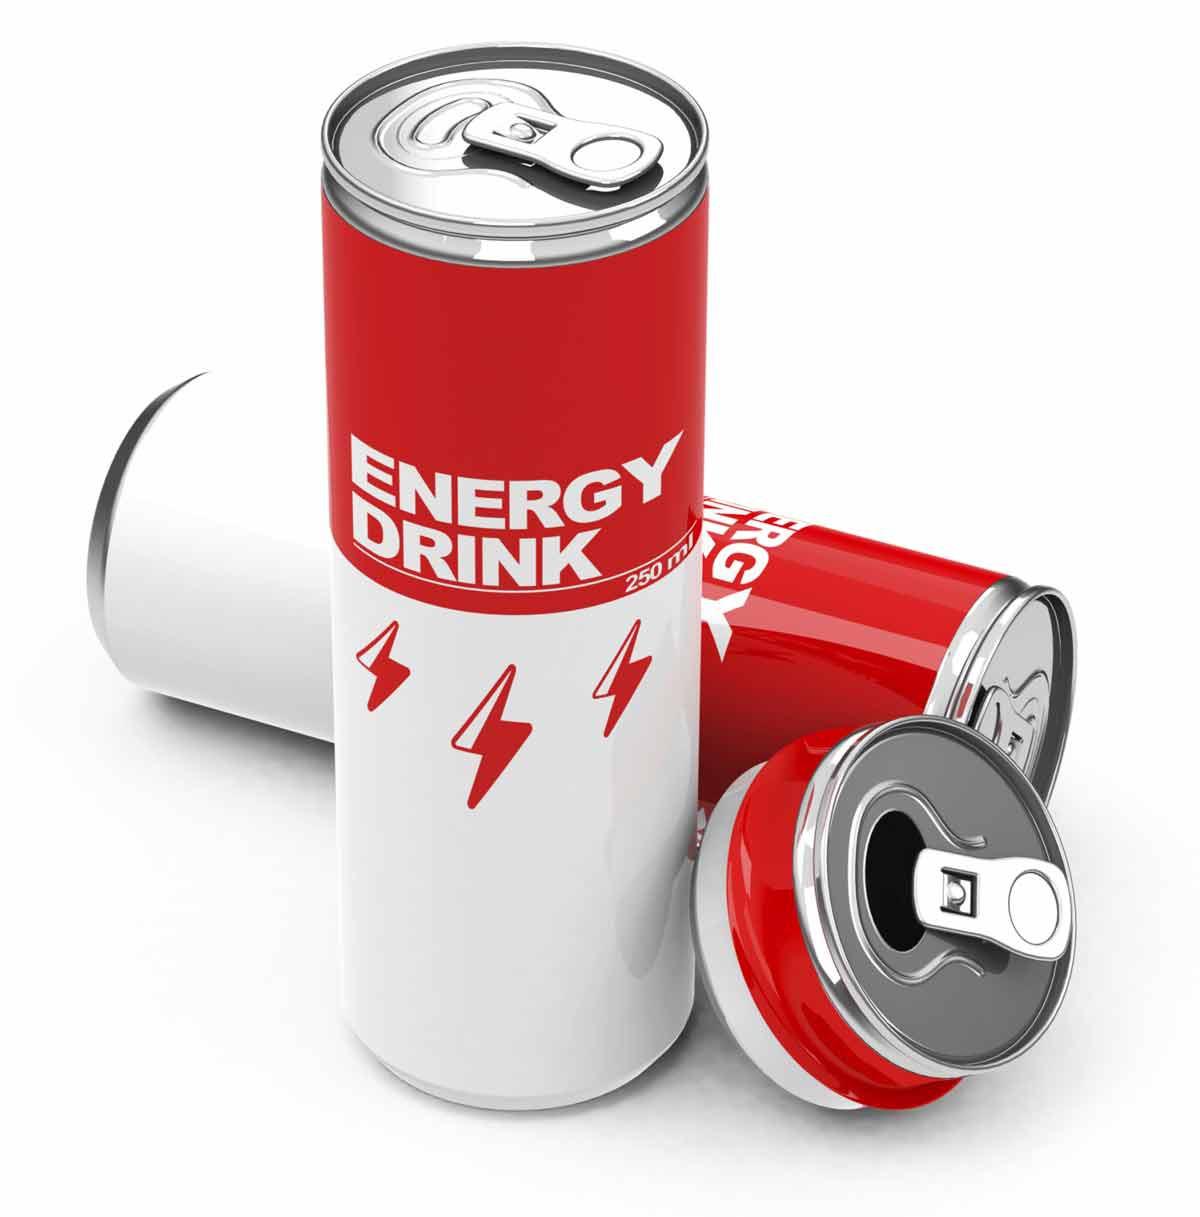 عادت به مصرف نوشیدنی های انرژی زا و مشکلات قلبی